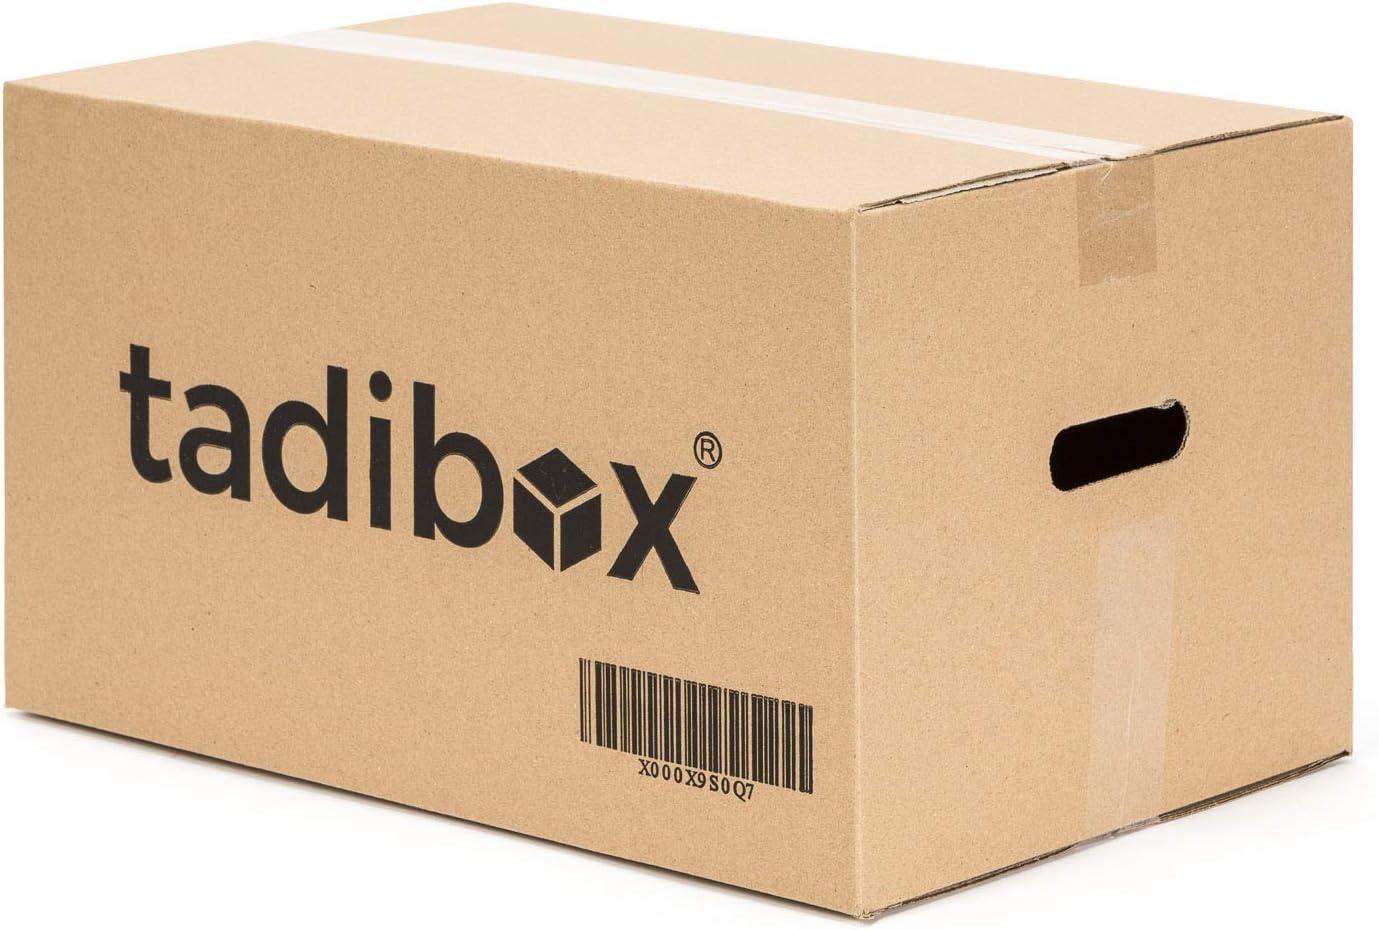 12 Cajas de Cartón para Mudanza (Talla M) con Asas - Extra Resistentes Fabricadas en España - 44x30x25cm Gramaje Ultra Resistente 450g/m2 - Combina las Cajas de Cartón (M/L/XL), optimiza tu mudanza!